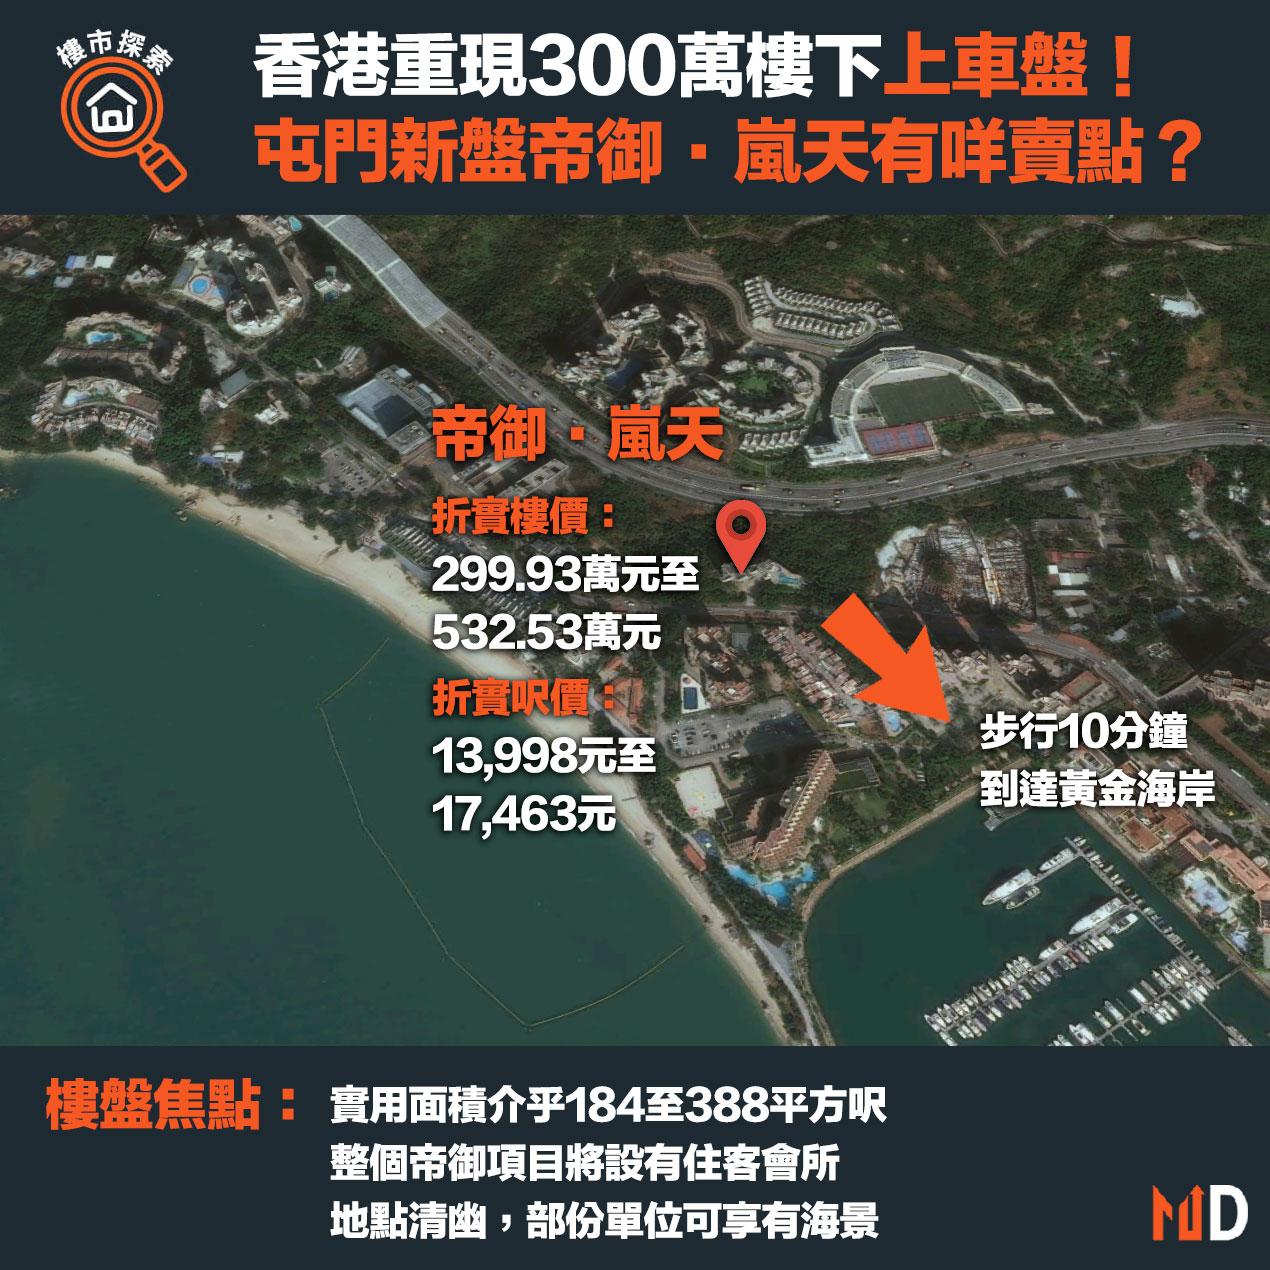 香港重現300萬樓下上車盤!屯門新盤帝御·嵐天有咩賣點?